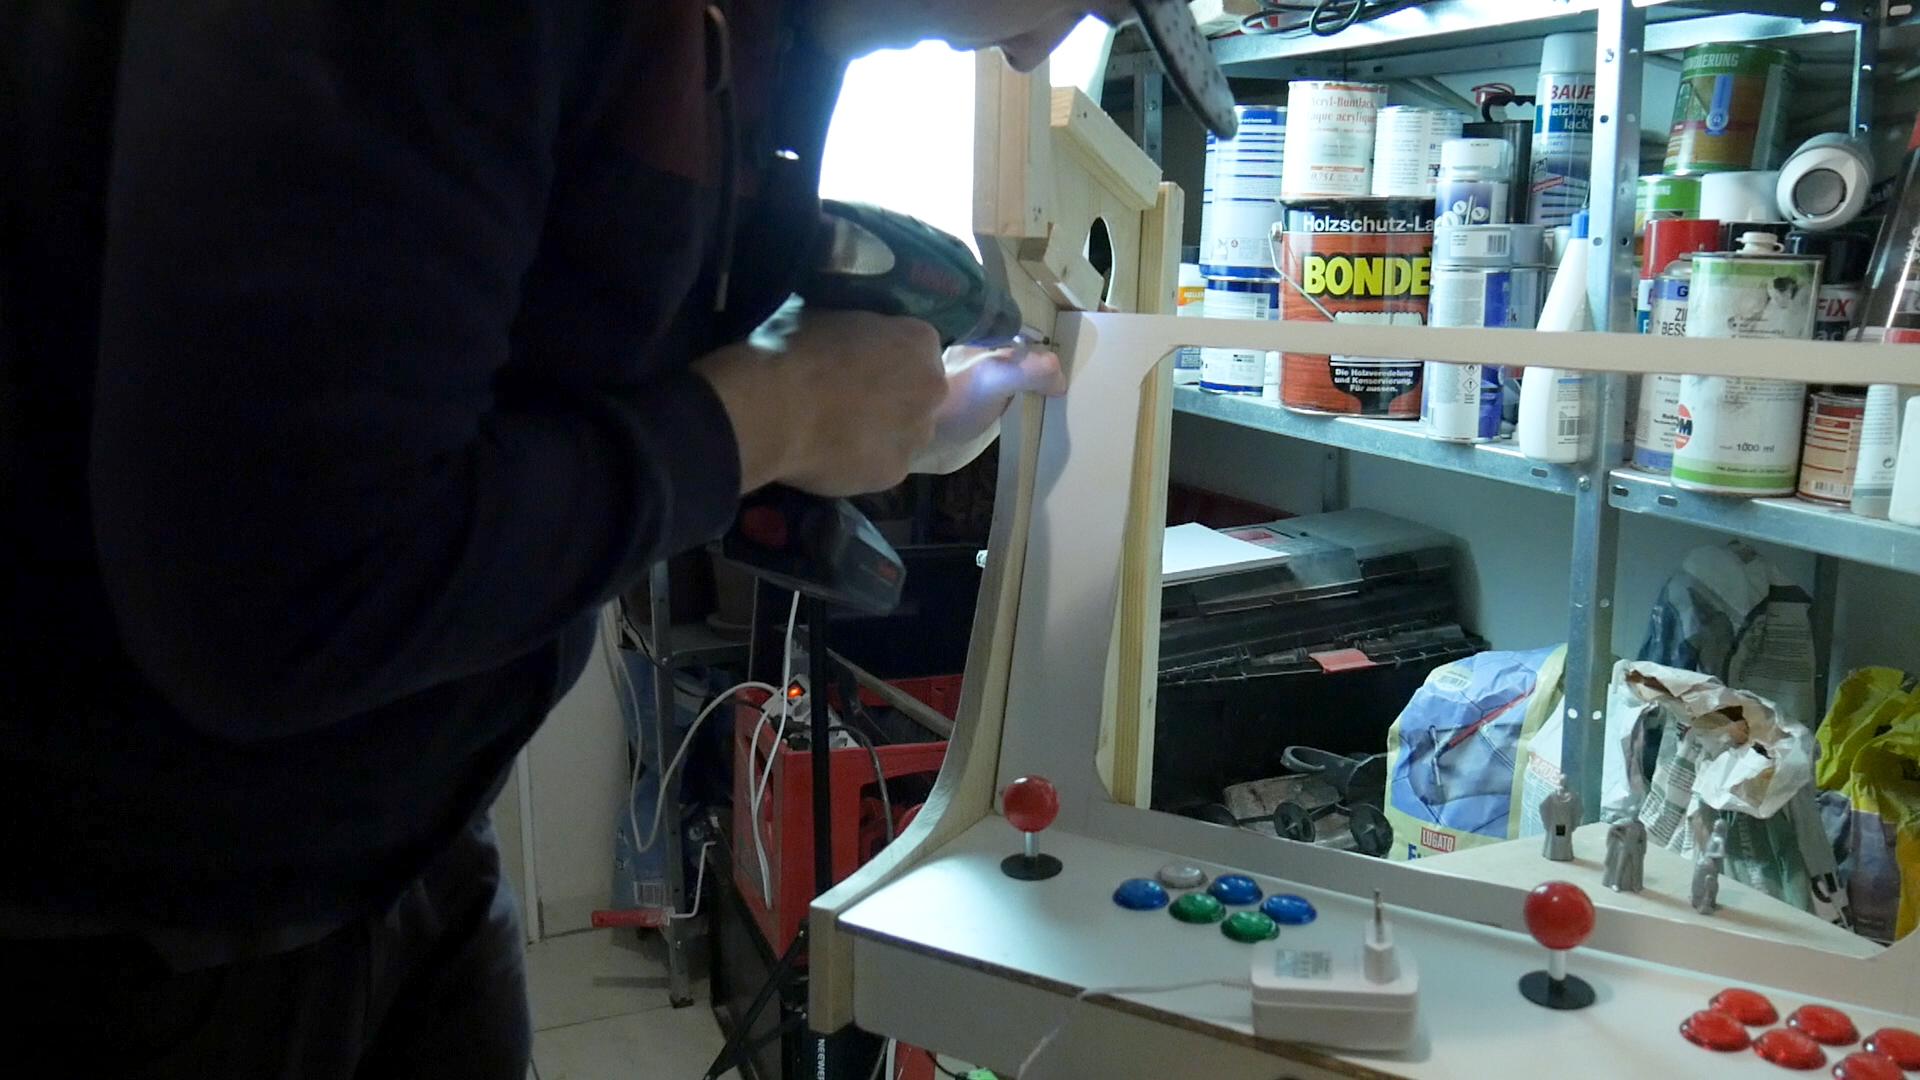 Blende Arcade Automat